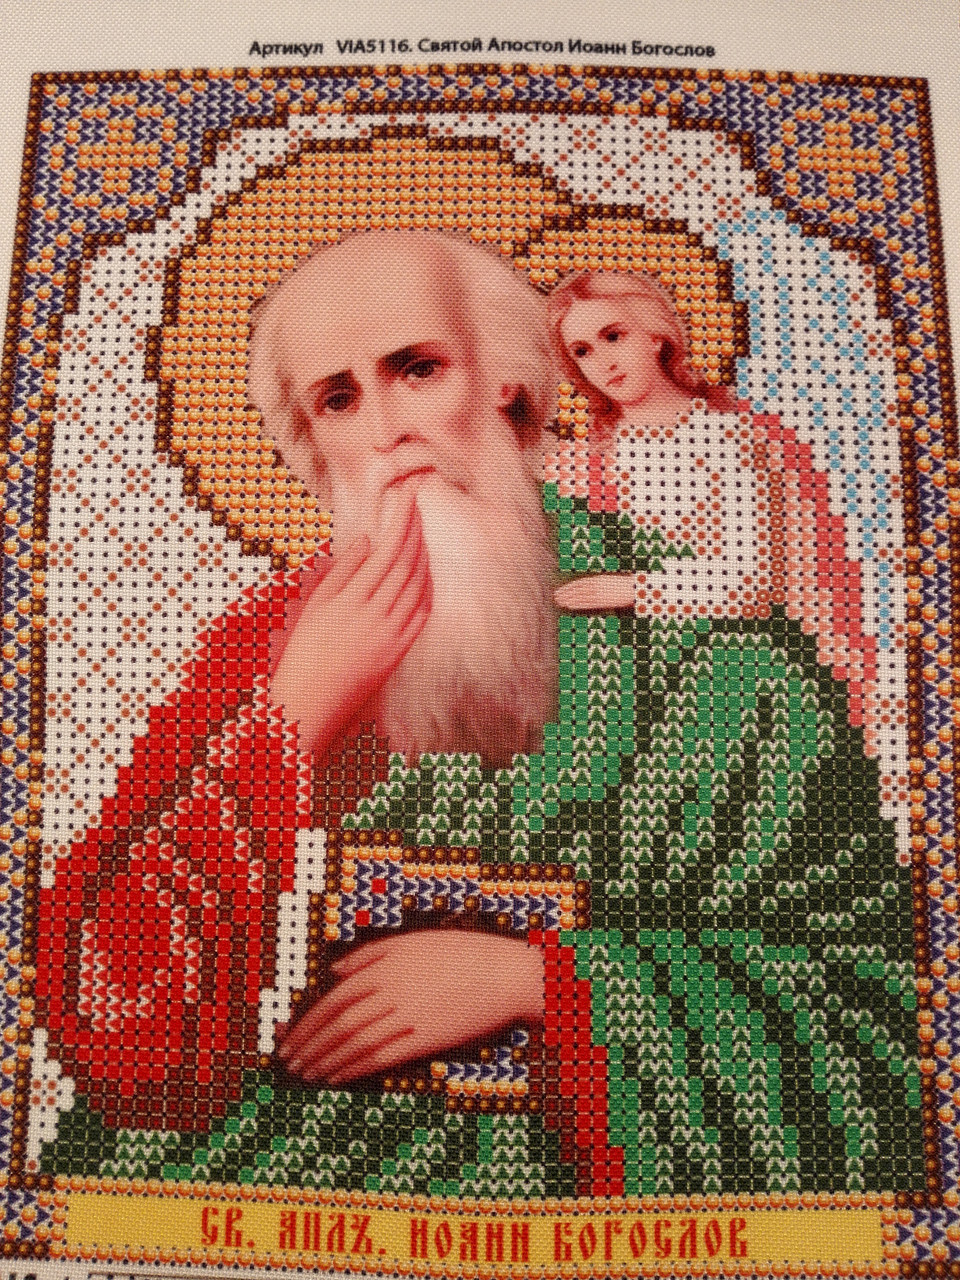 Набор для вышивки бисером икона Святой Апостол Иоанн Богослов VIA 5116